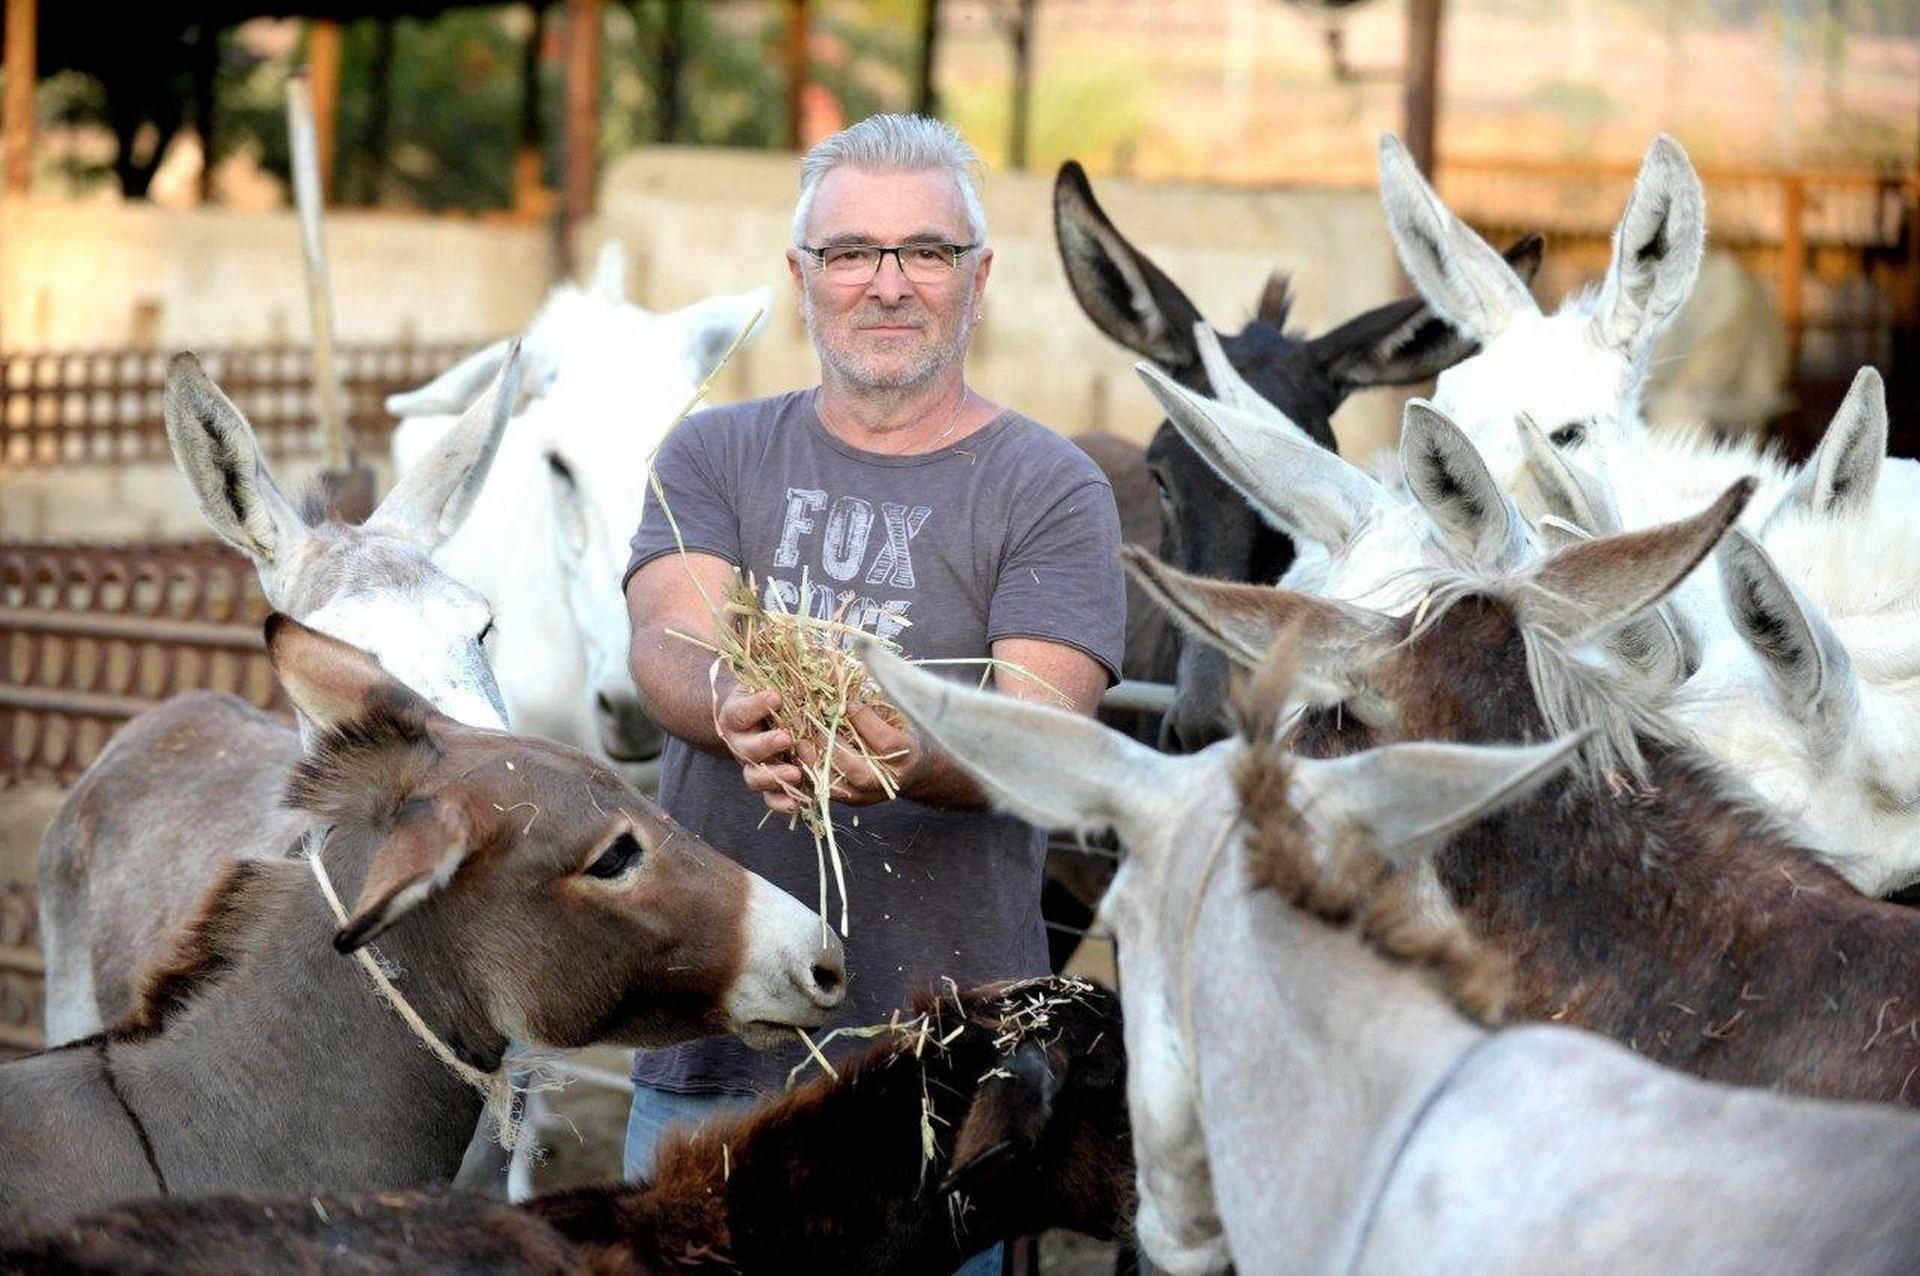 """בחווה של תמוז. """"אני לא בונה על המדינה""""   צילום: קובי קואנקס"""